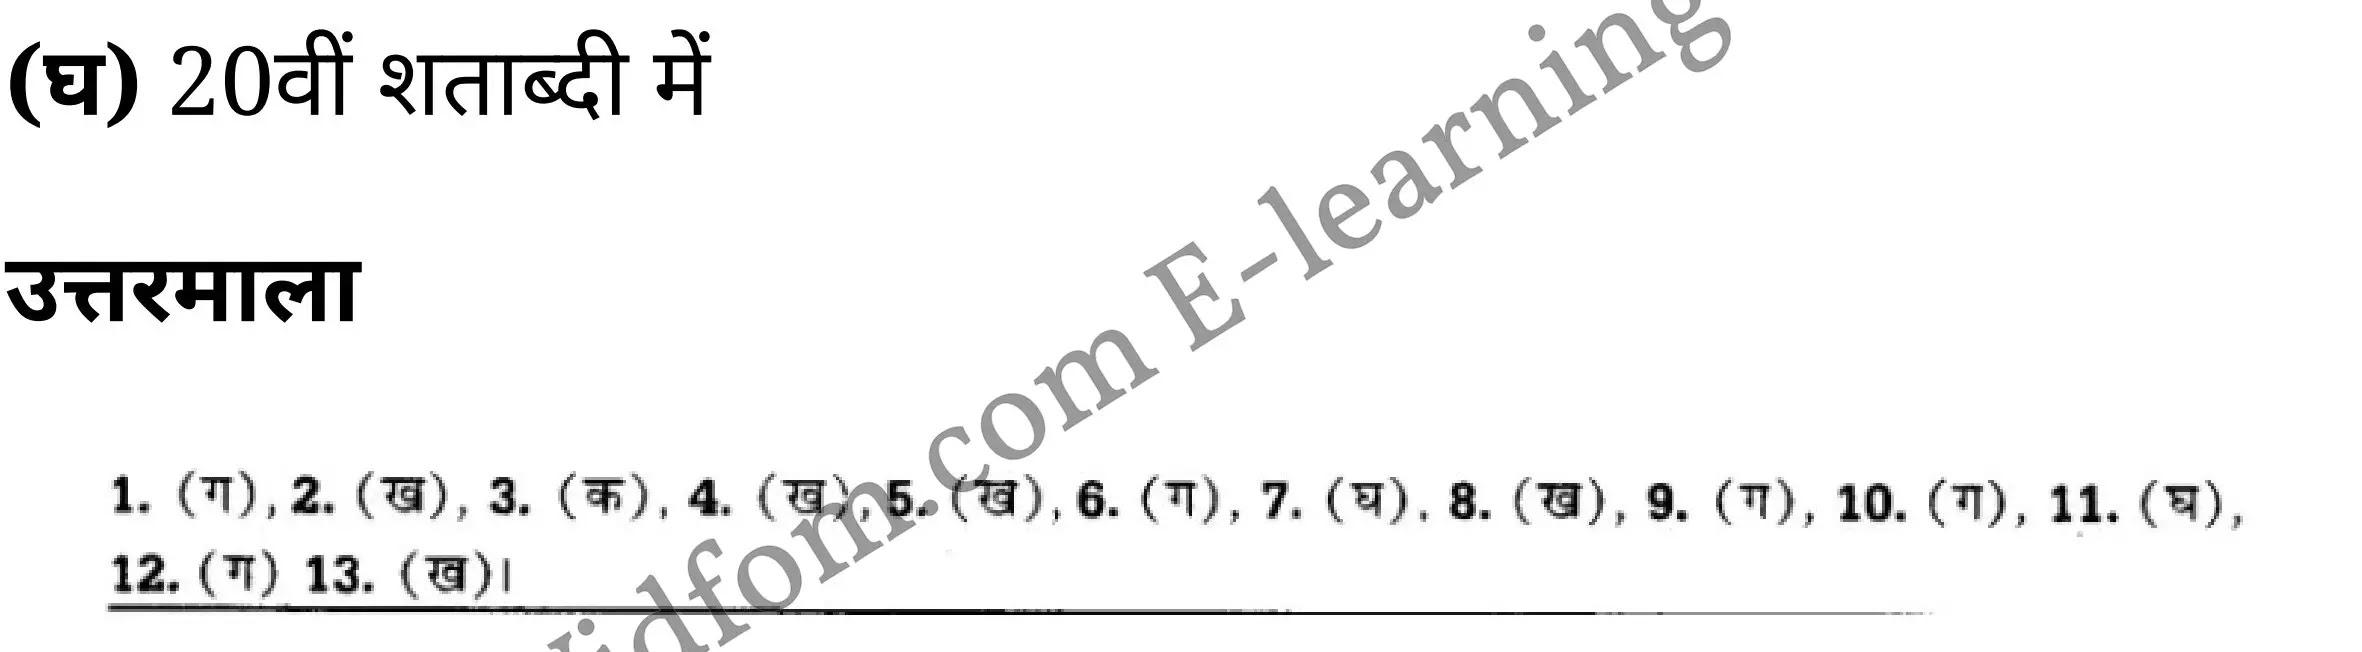 कक्षा 10 सामाजिक विज्ञान के नोट्स हिंदी में एनसीईआरटी समाधान, class 10 Social Science chapter 3, class 10 Social Science chapter 3 ncert solutions in Social Science, class 10 Social Science chapter 3 notes in hindi, class 10 Social Science chapter 3 question answer, class 10 Social Science chapter 3 notes, class 10 Social Science chapter 3 class 10 Social Science chapter 3 in hindi, class 10 Social Science chapter 3 important questions in hindi, class 10 Social Science hindi chapter 3 notes in hindi, class 10 Social Science chapter 3 test, class 10 Social Science chapter 3 class 10 Social Science chapter 3 pdf, class 10 Social Science chapter 3 notes pdf, class 10 Social Science chapter 3 exercise solutions, class 10 Social Science chapter 3, class 10 Social Science chapter 3 notes study rankers, class 10 Social Science chapter 3 notes, class 10 Social Science hindi chapter 3 notes, class 10 Social Science chapter 3 class 10 notes pdf, class 10 Social Science chapter 3 class 10 notes ncert, class 10 Social Science chapter 3 class 10 pdf, class 10 Social Science chapter 3 book, class 10 Social Science chapter 3 quiz class 10 , 10 th class 10 Social Science chapter 3 book up board, up board 10 th class 10 Social Science chapter 3 notes, class 10 Social Science, class 10 Social Science ncert solutions in Social Science, class 10 Social Science notes in hindi, class 10 Social Science question answer, class 10 Social Science notes, class 10 Social Science class 10 Social Science chapter 3 in hindi, class 10 Social Science important questions in hindi, class 10 Social Science notes in hindi, class 10 Social Science test, class 10 Social Science class 10 Social Science chapter 3 pdf, class 10 Social Science notes pdf, class 10 Social Science exercise solutions, class 10 Social Science, class 10 Social Science notes study rankers, class 10 Social Science notes, class 10 Social Science notes, class 10 Social Science class 10 notes pdf, class 10 Social Science class 10 notes 